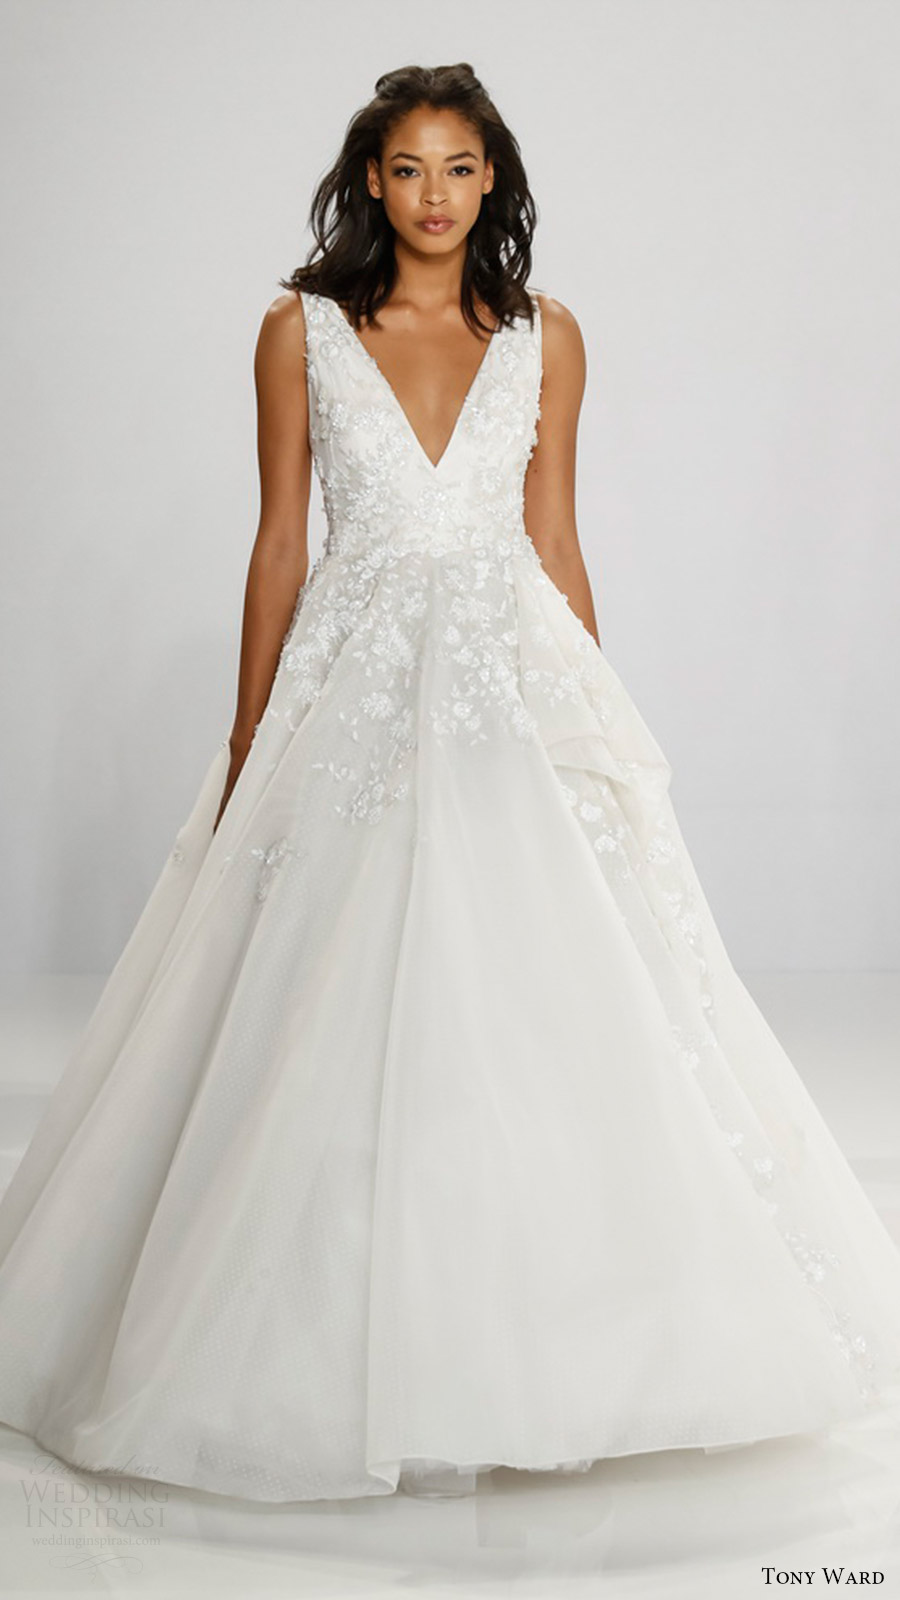 Tony ward bridal 2017 wedding dresses wedding inspirasi for Popular wedding dresses 2017